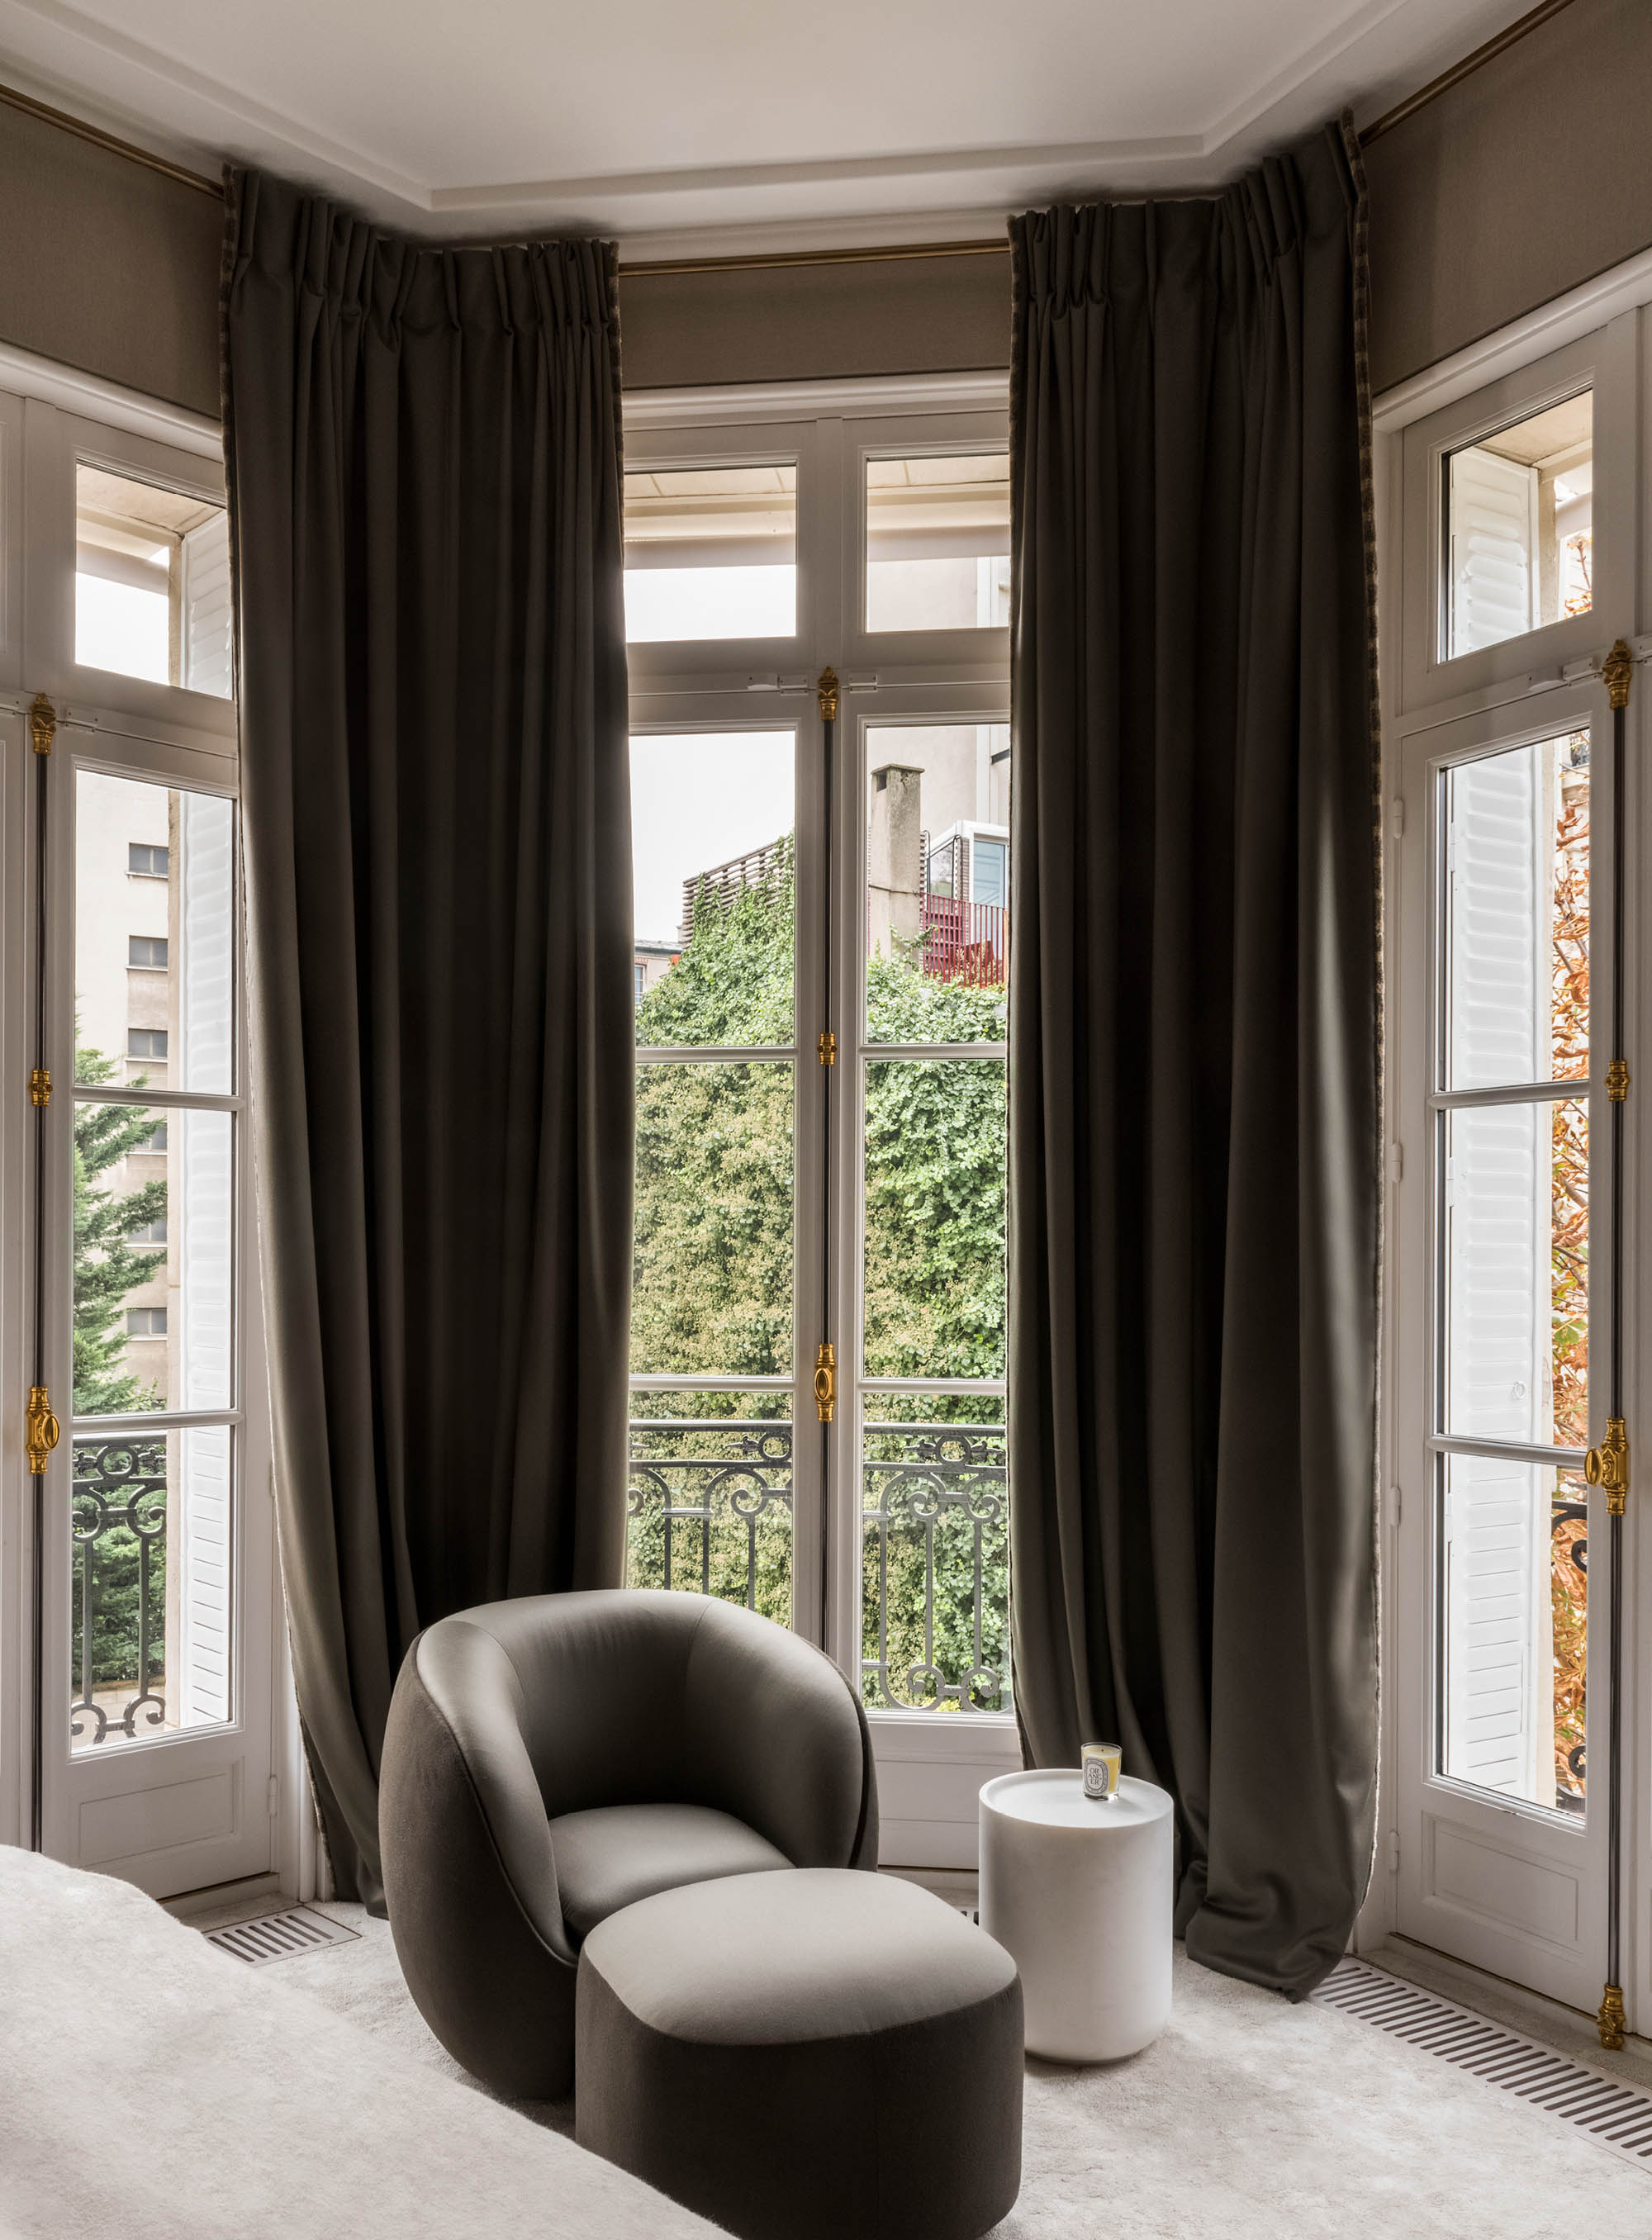 luis_laplace-Rue_Octave_Feuillet_Paris-4